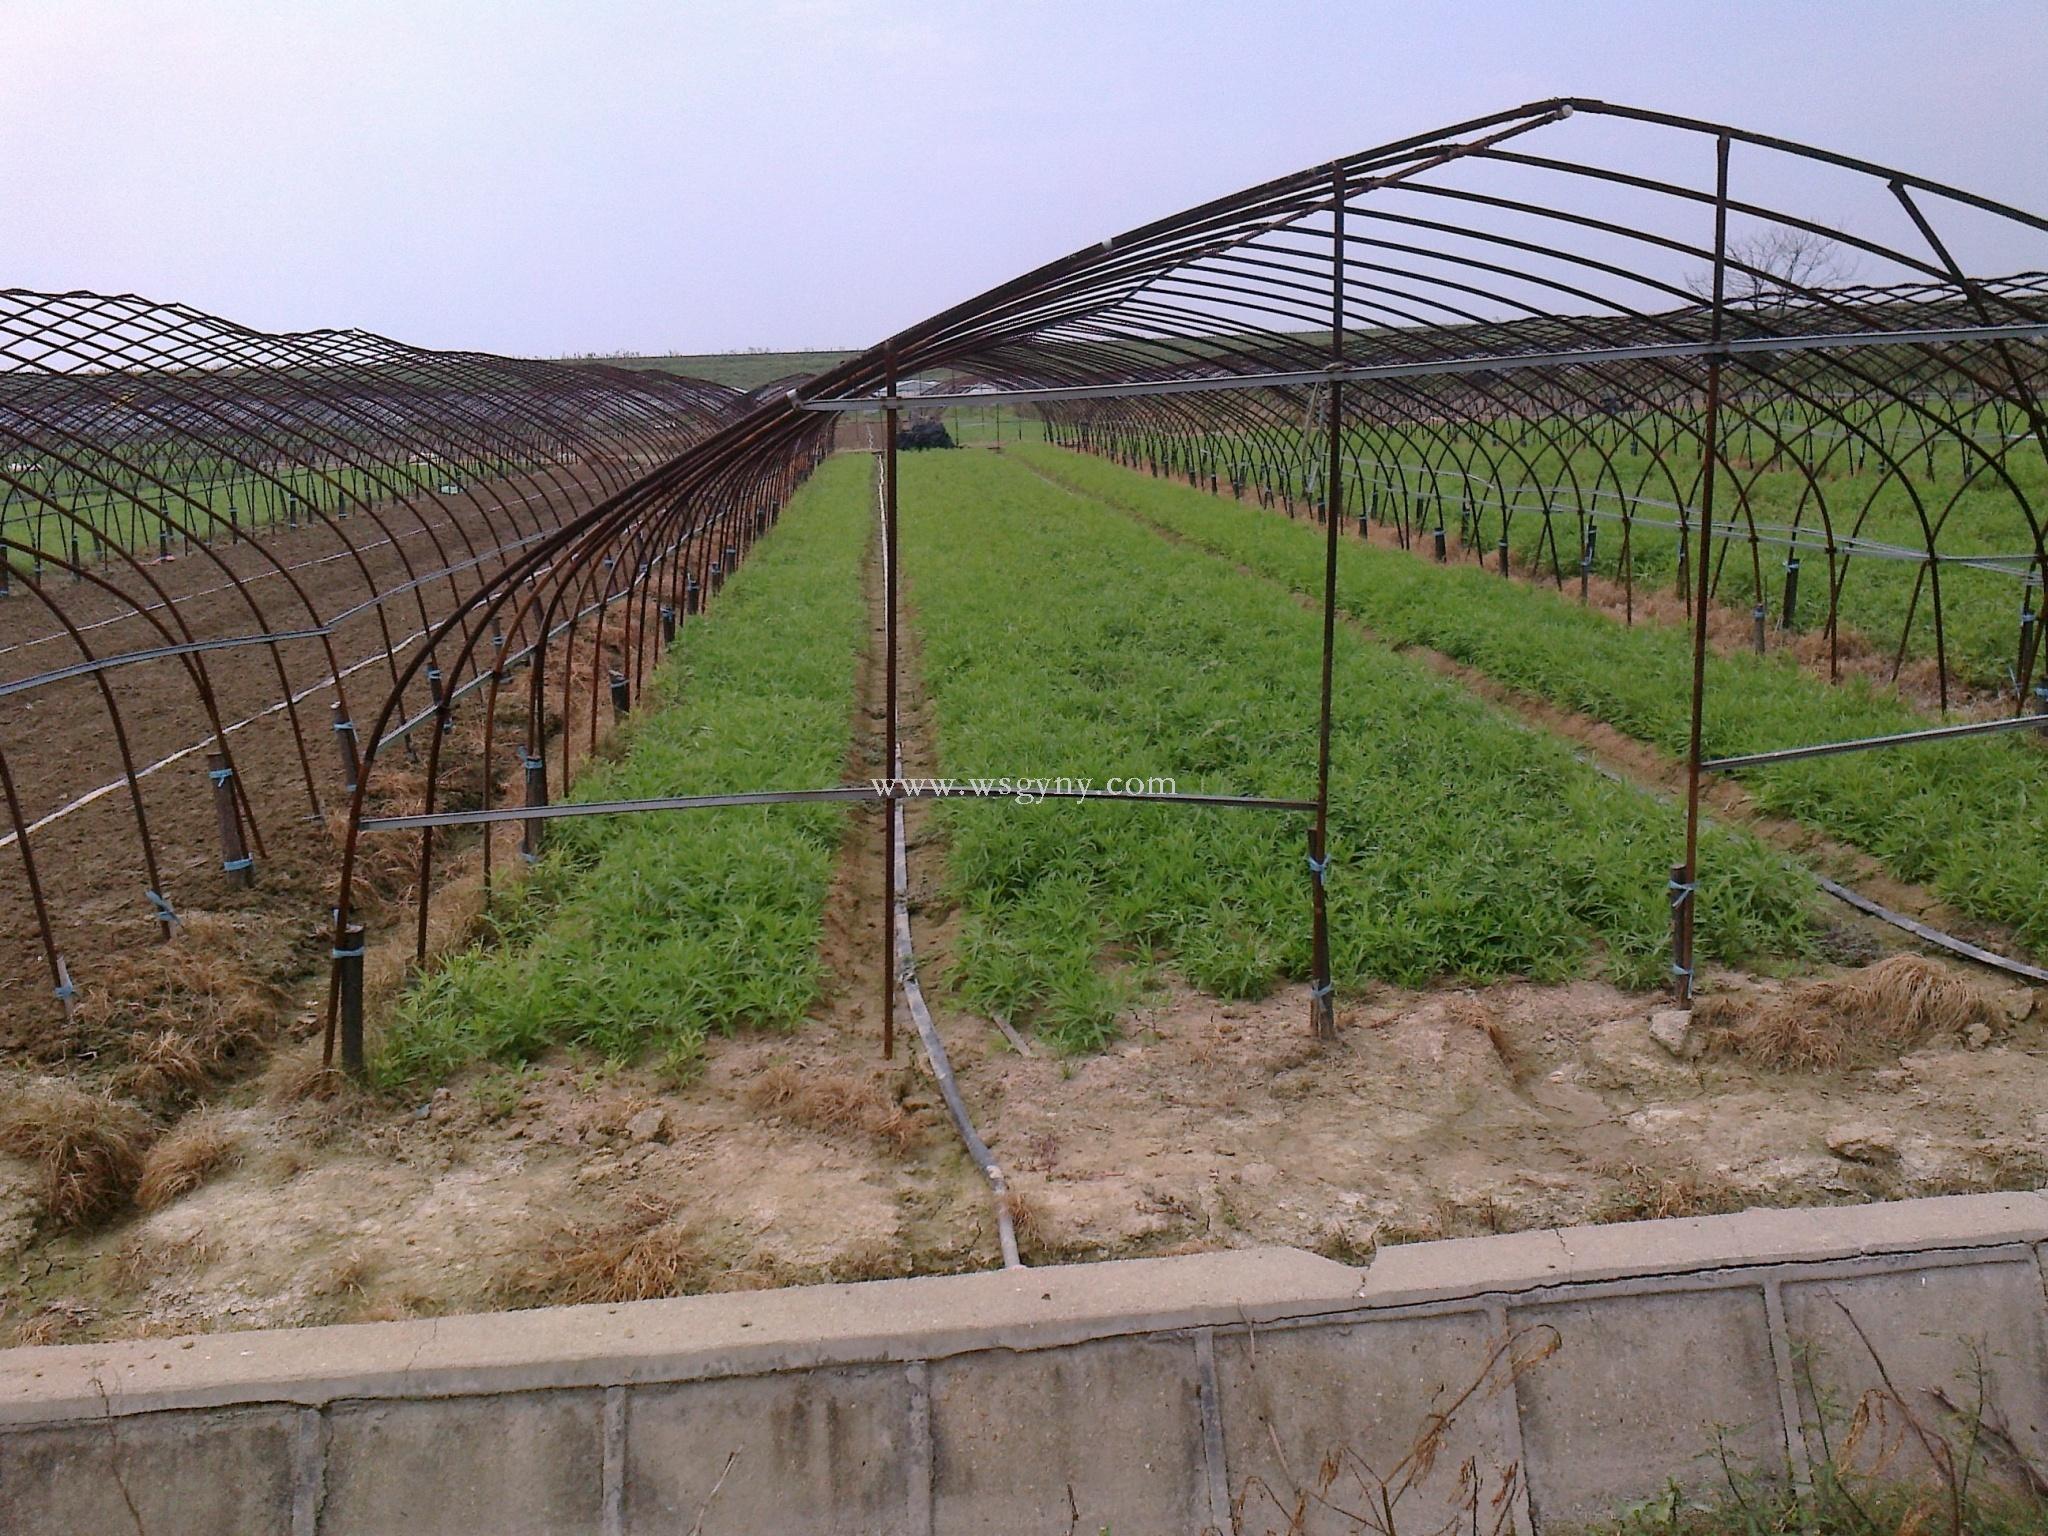 藜蒿大棚种植基地